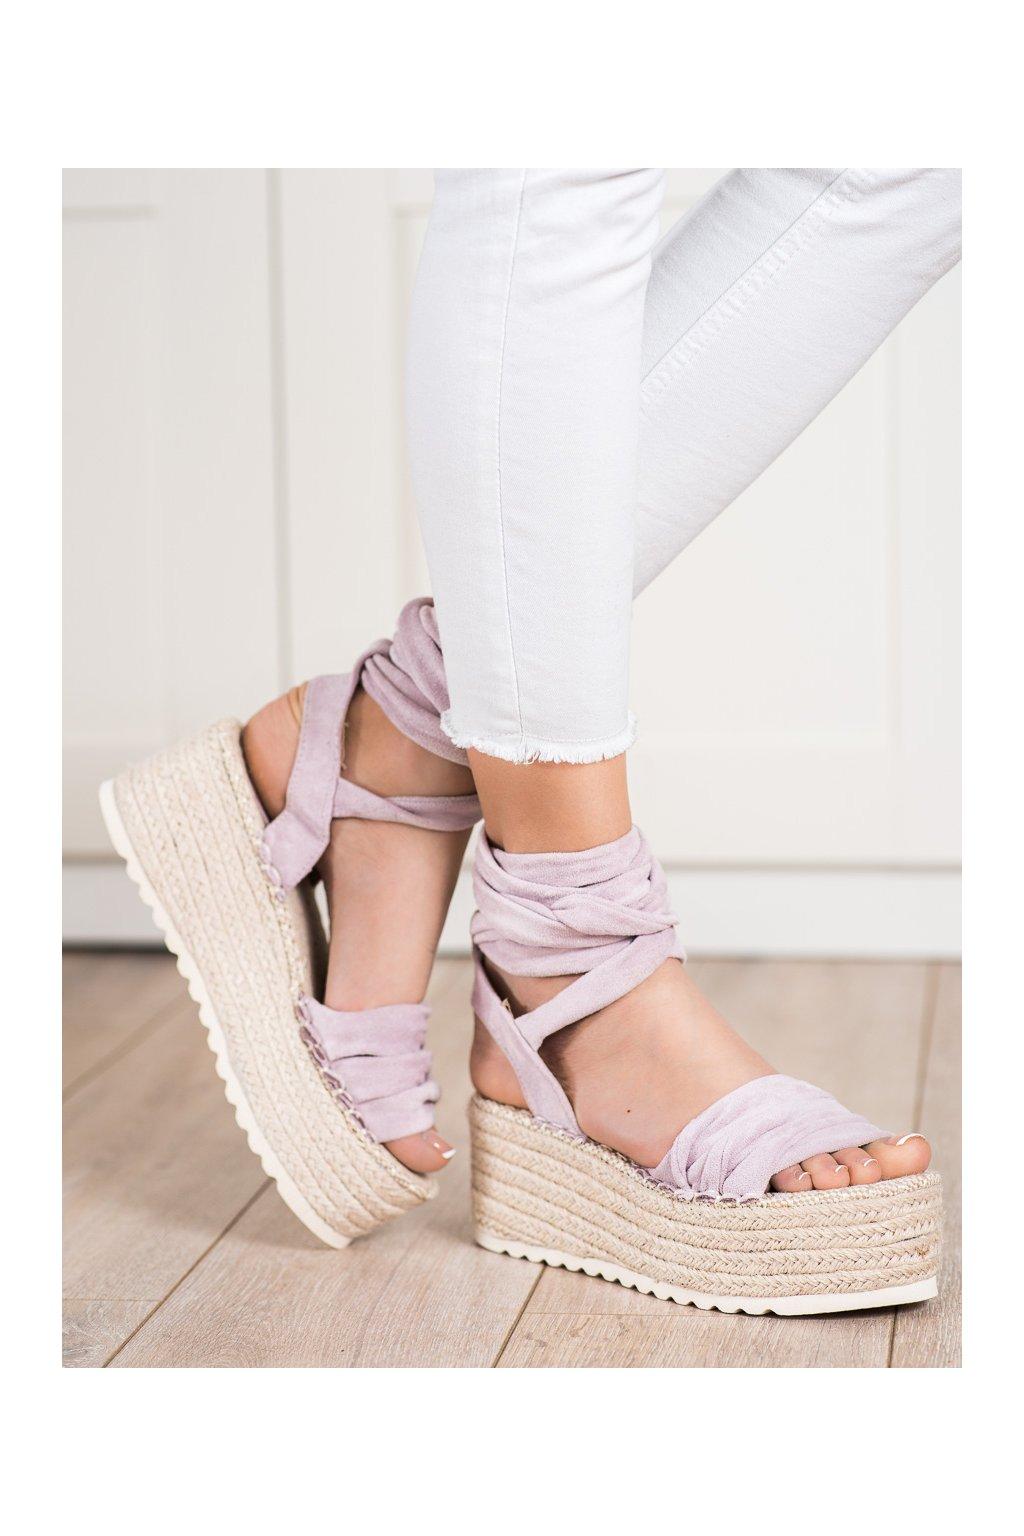 Fialové sandále Shelovet kod BL262PU